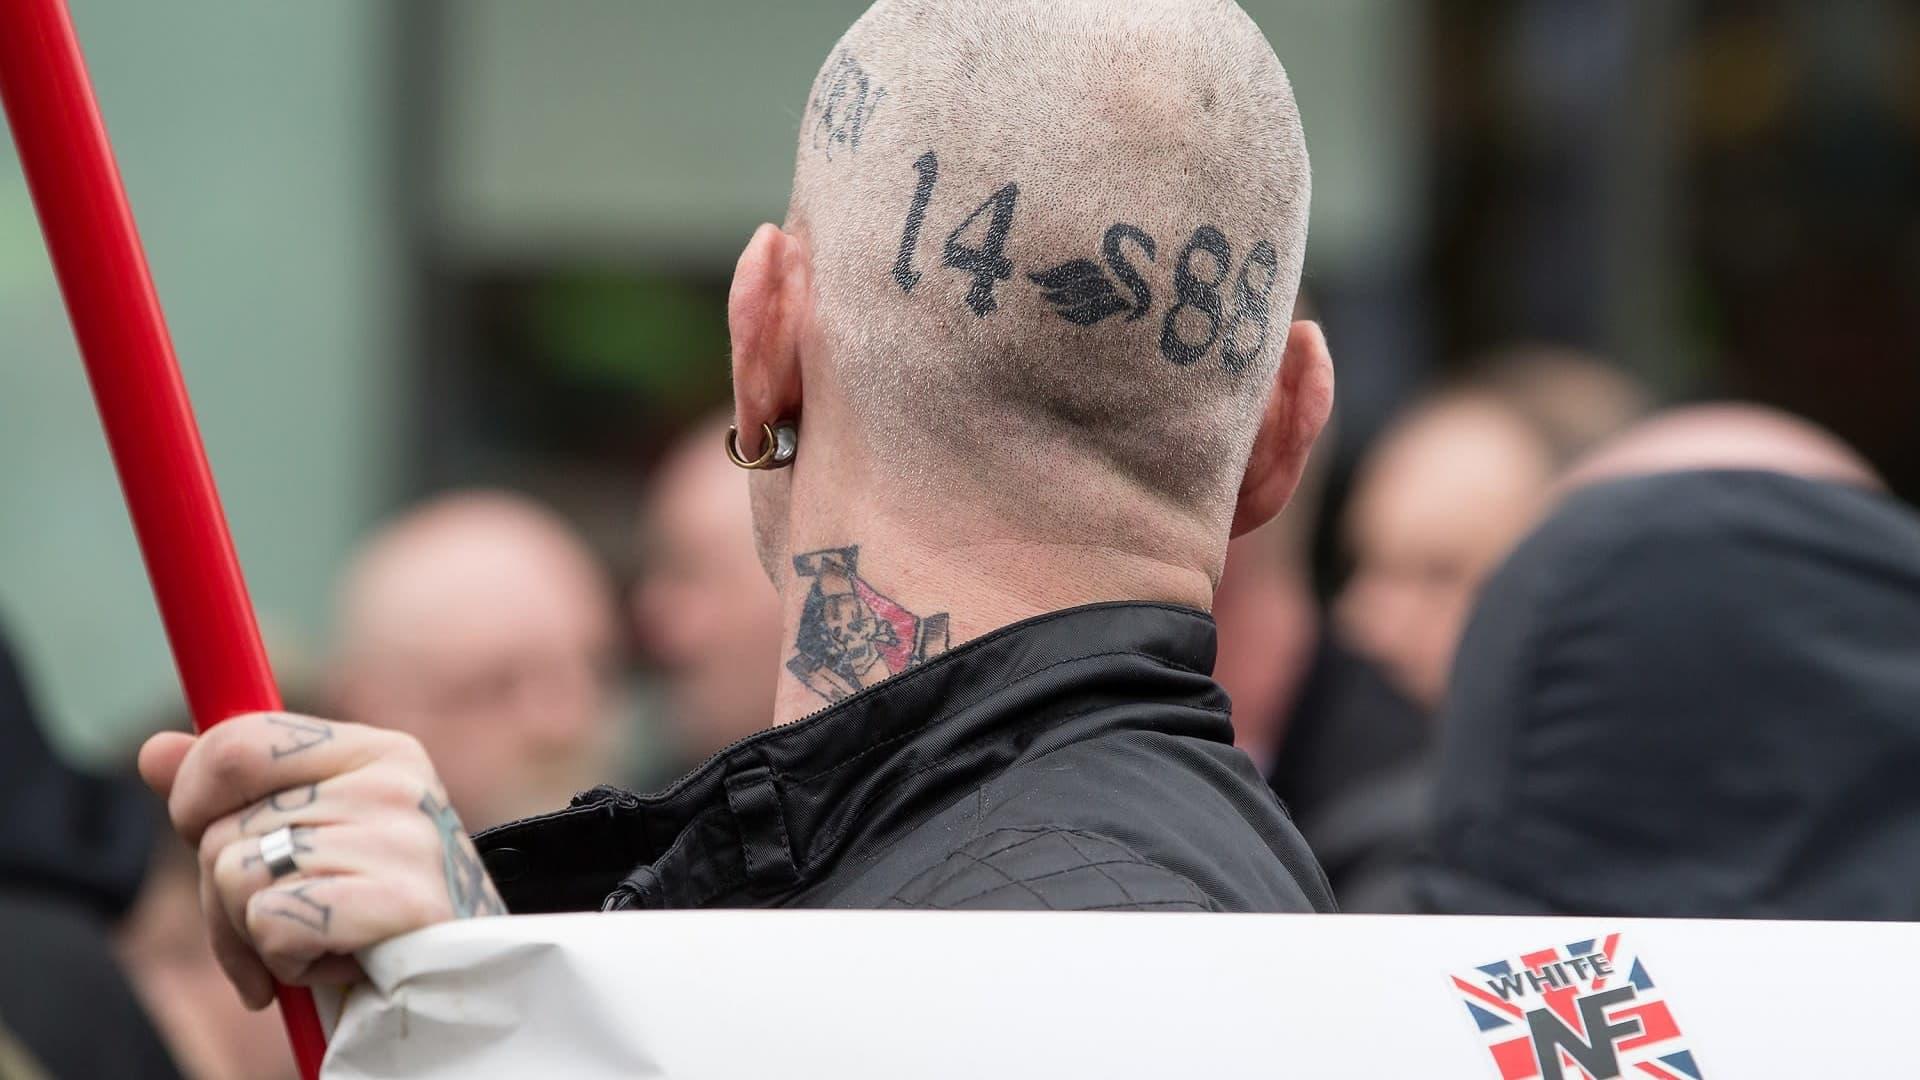 Miehen paljaaksi ajeltuun päähän on tatuoitu uusnatsien symboleja.